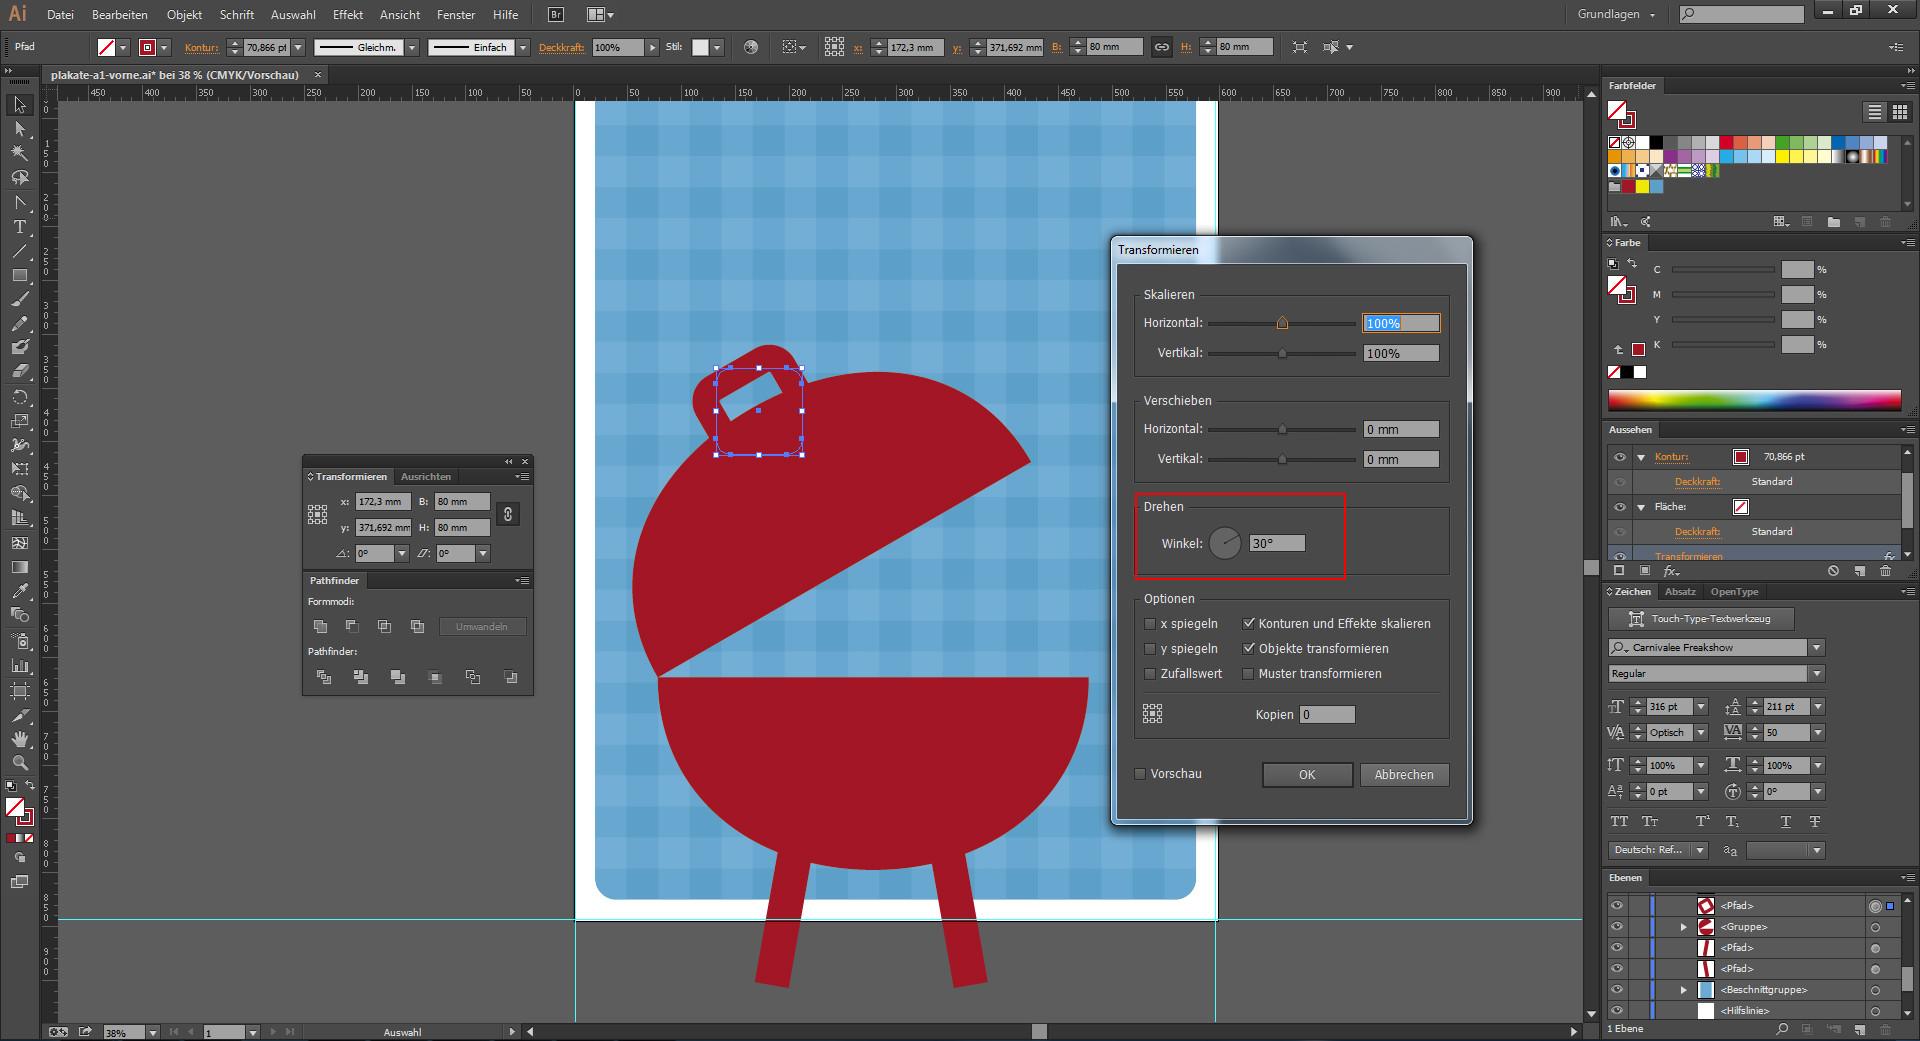 Objekte drehen im Programm Illustrator